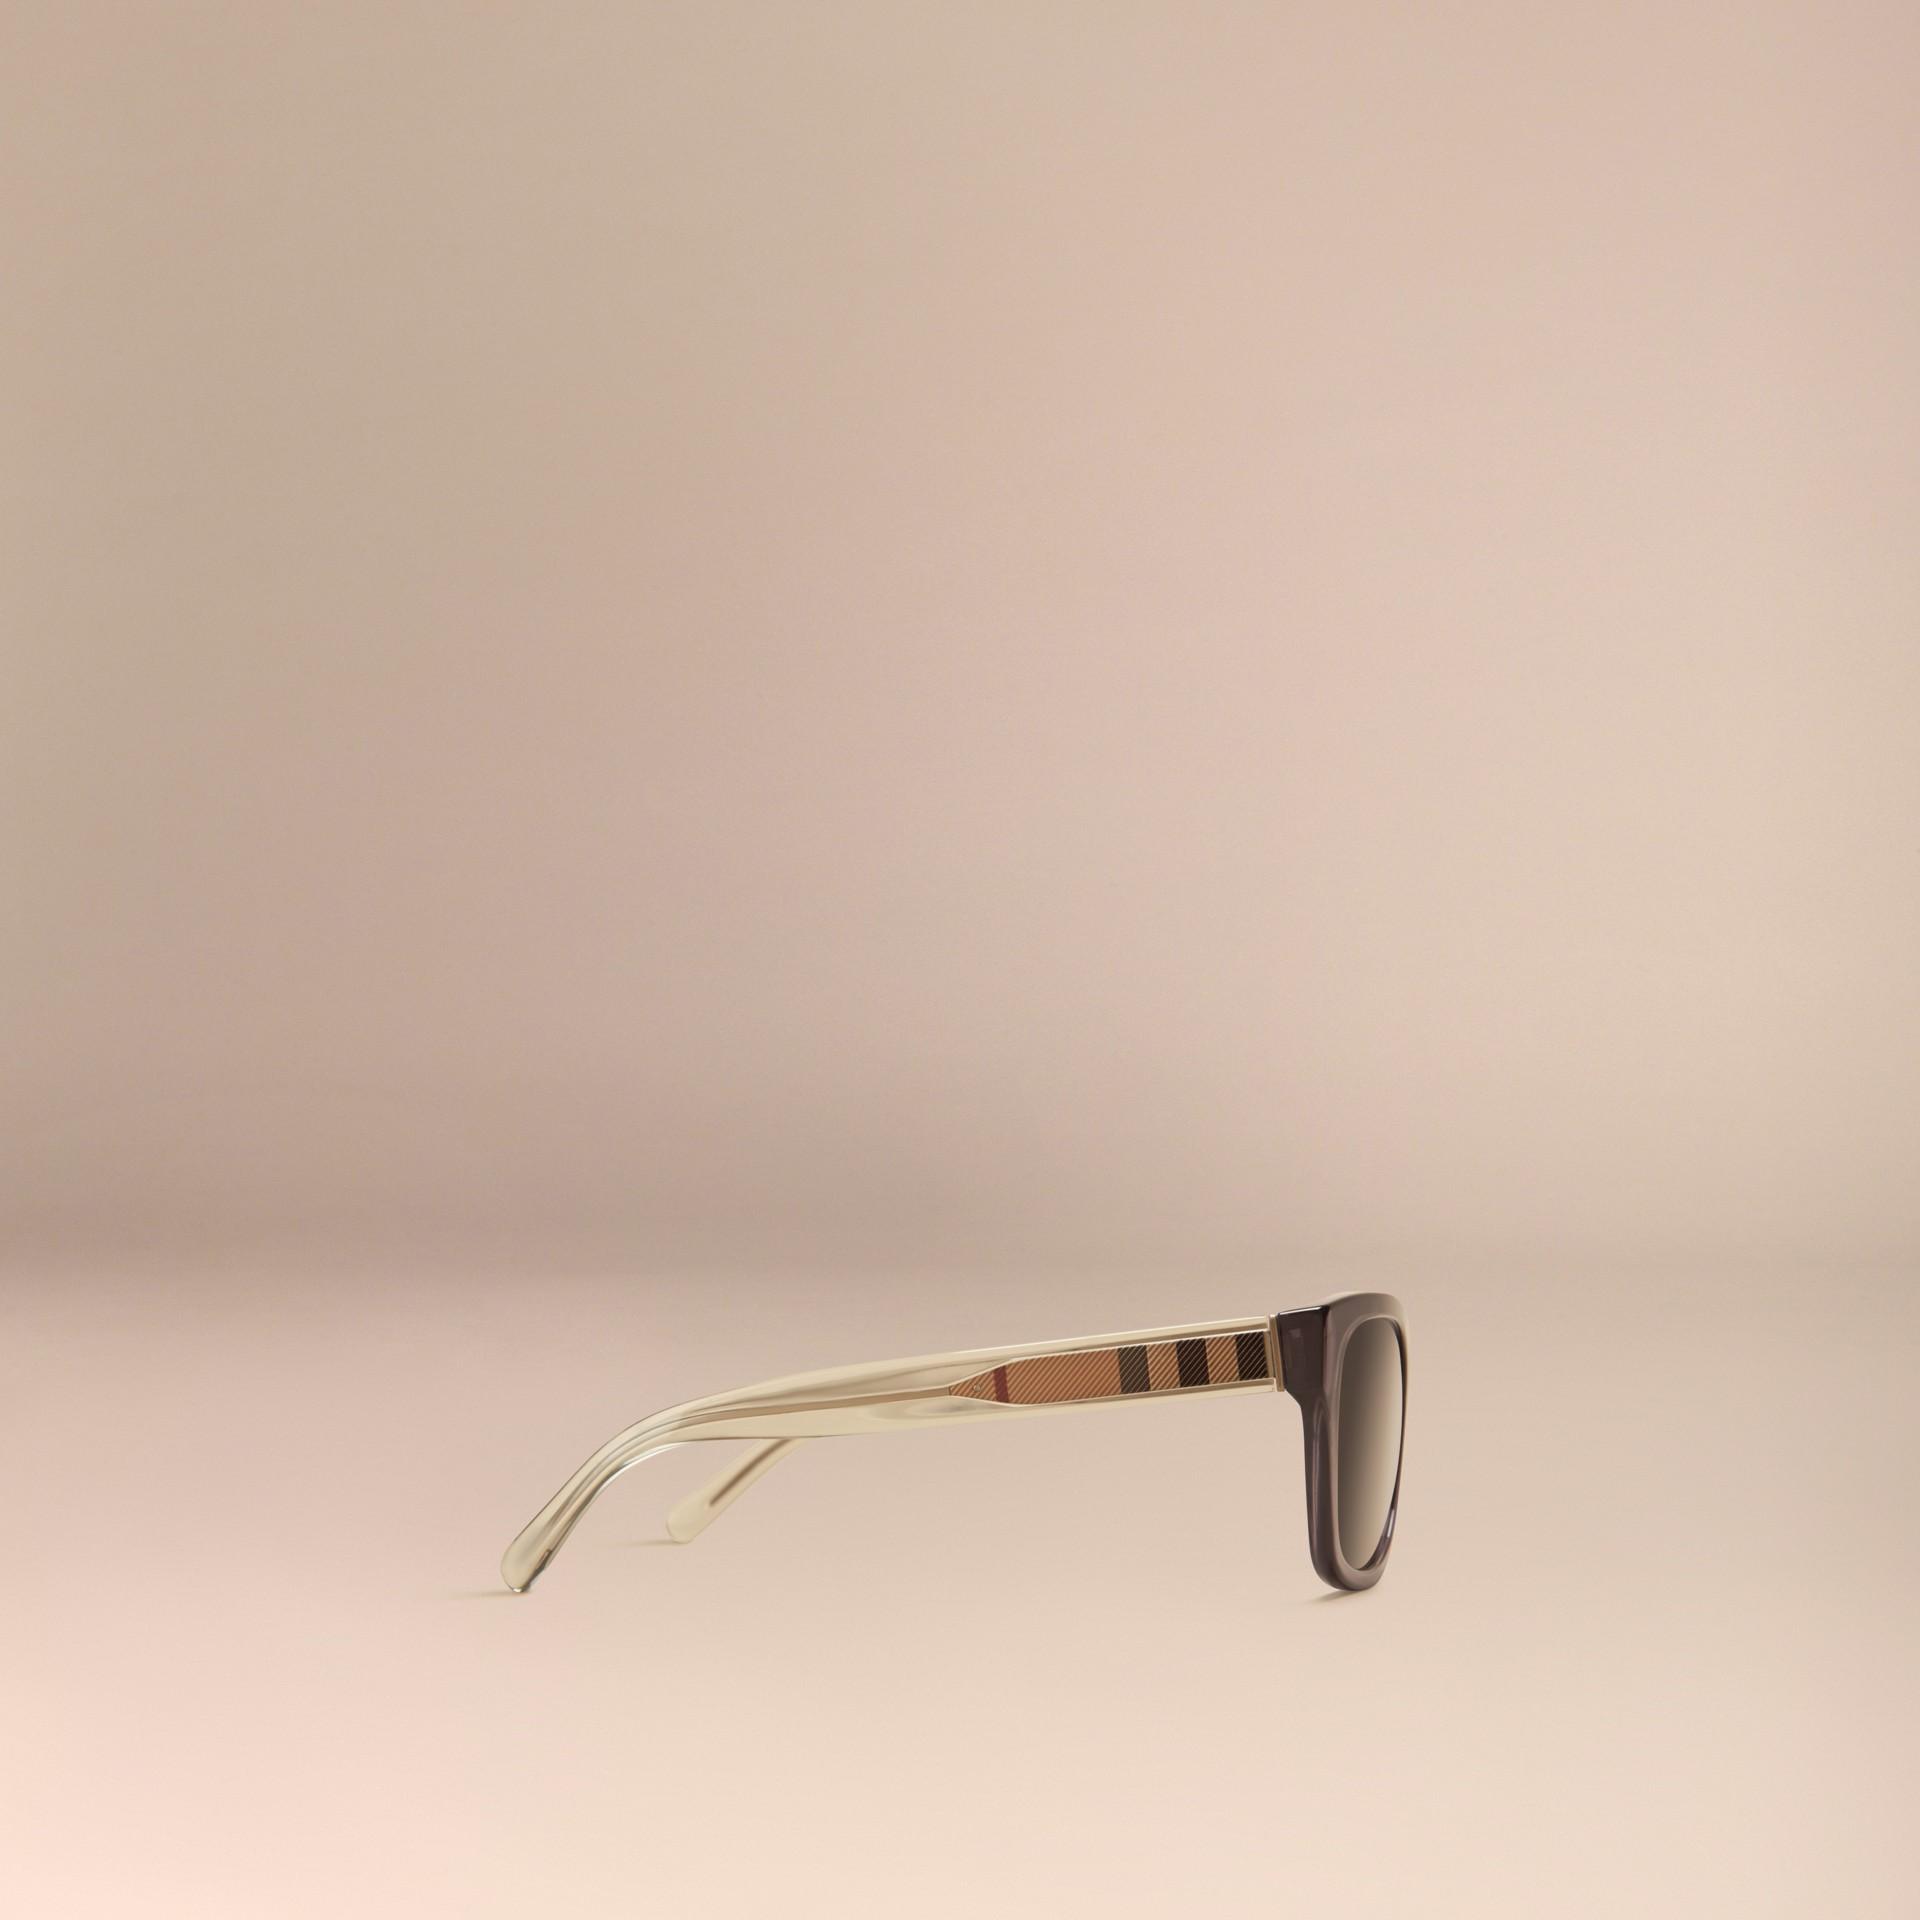 Grigio scuro Occhiali da sole con montatura quadrata e dettaglio check Grigio Scuro - immagine della galleria 5